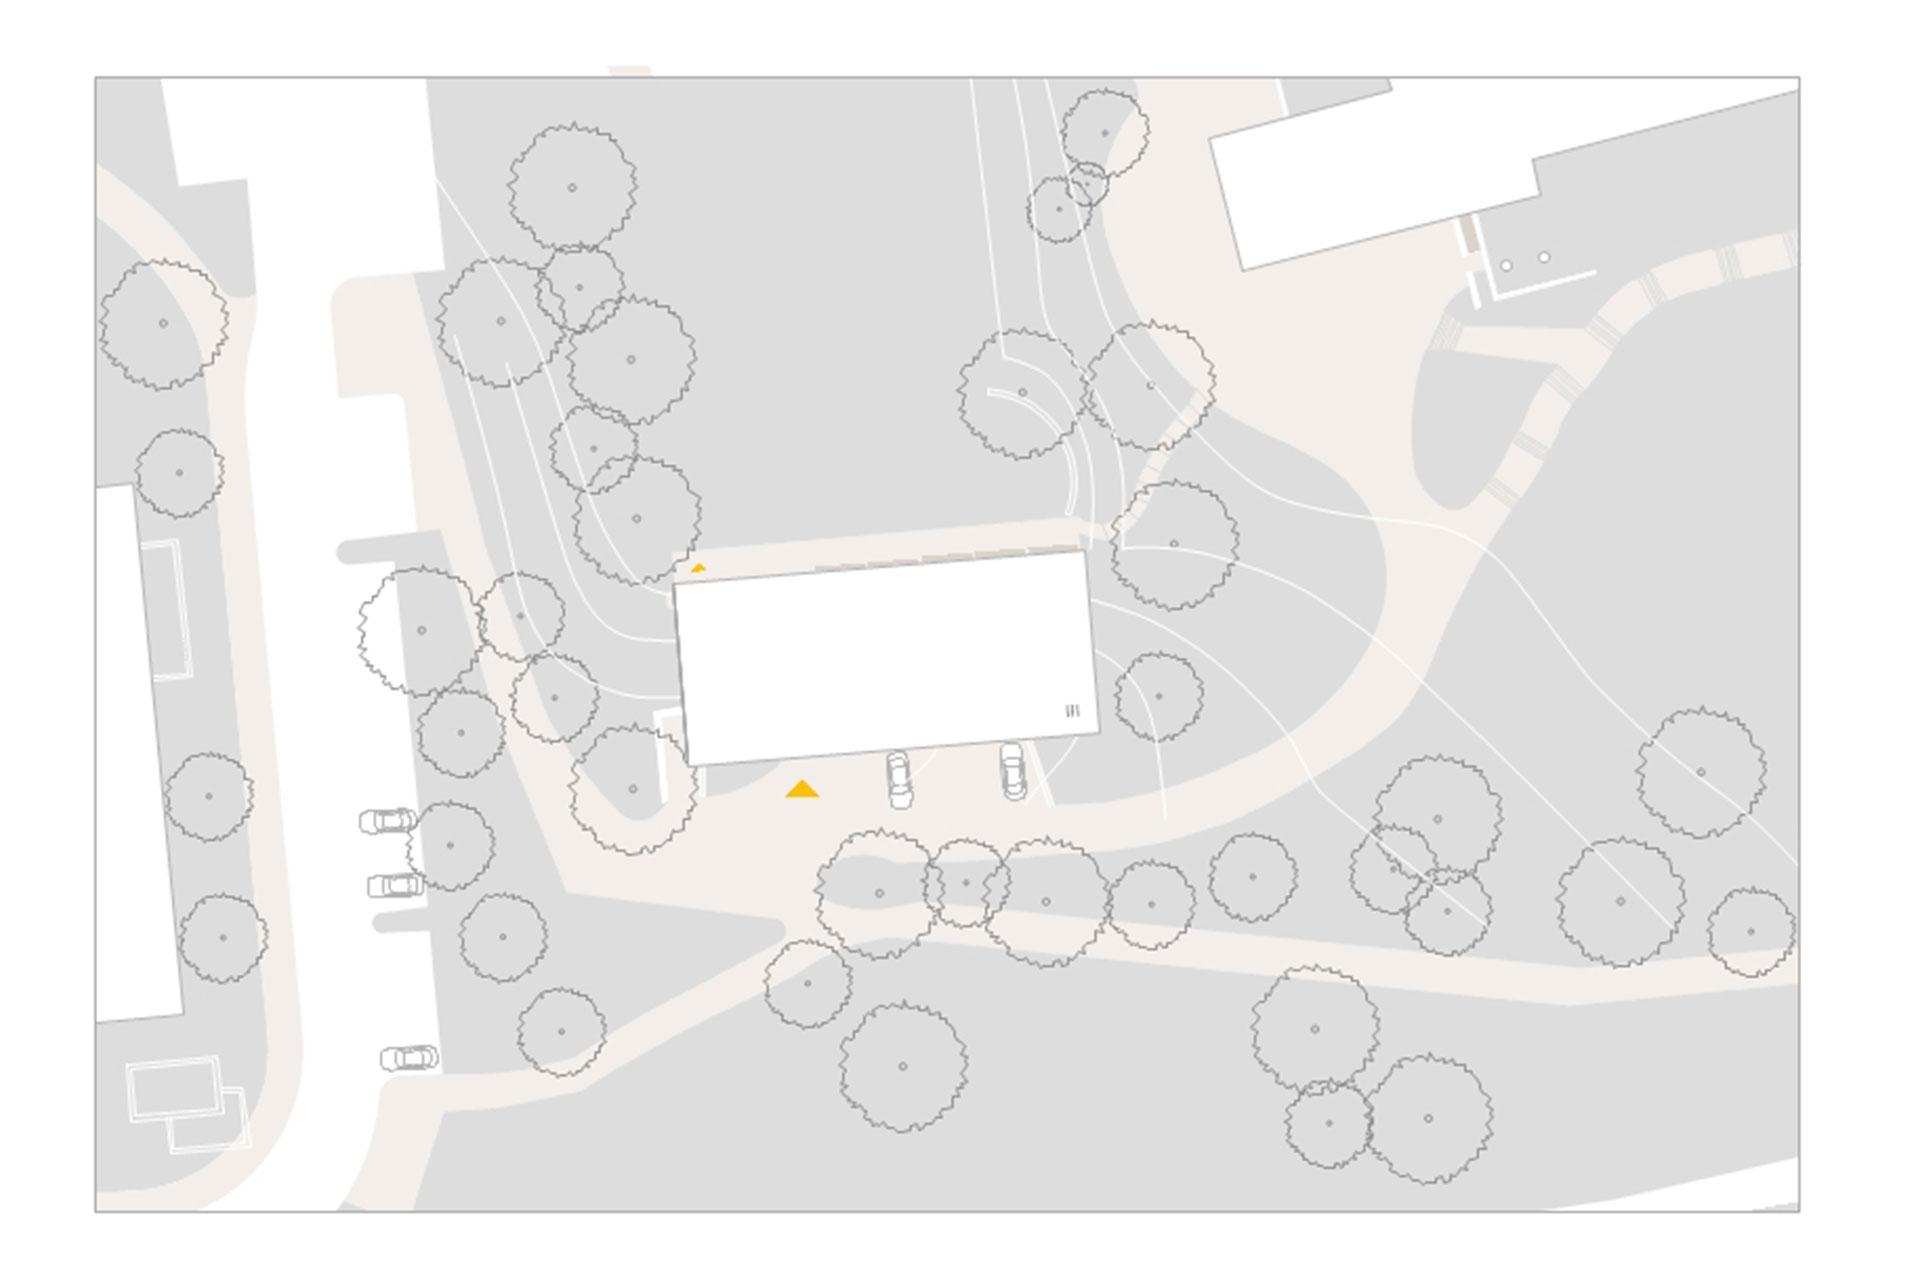 Generalsanierung Denkmalbau 6 Turnhalle Silcherschule Stuttgart